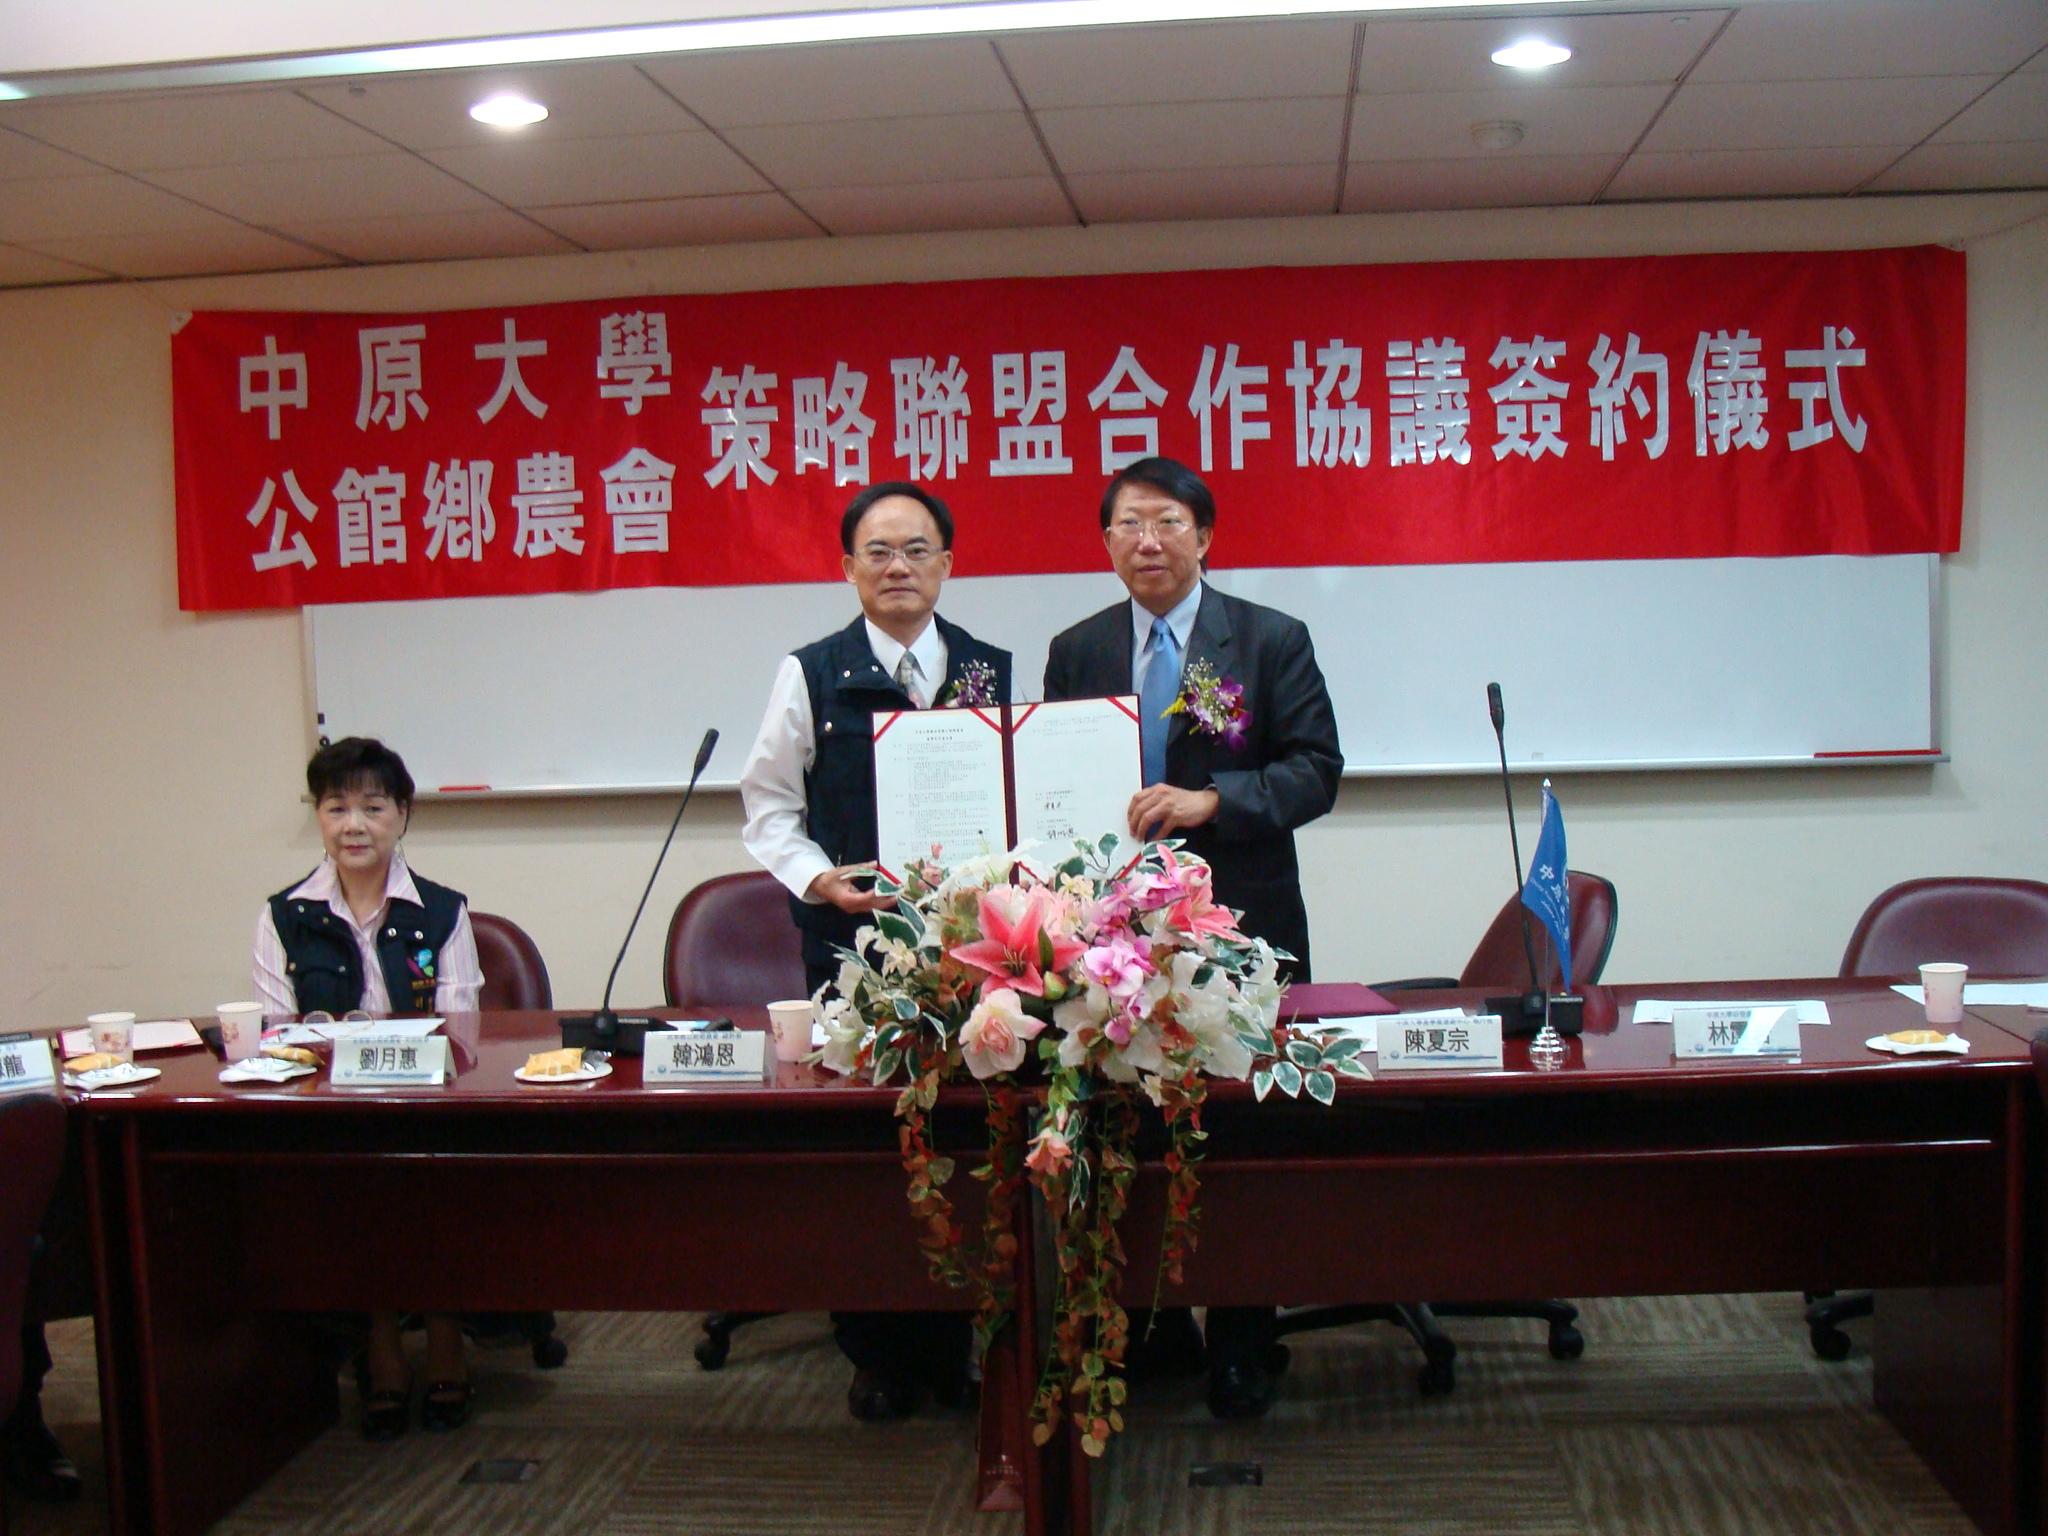 中原大學與公館鄉農會簽約合作 推動精緻農業